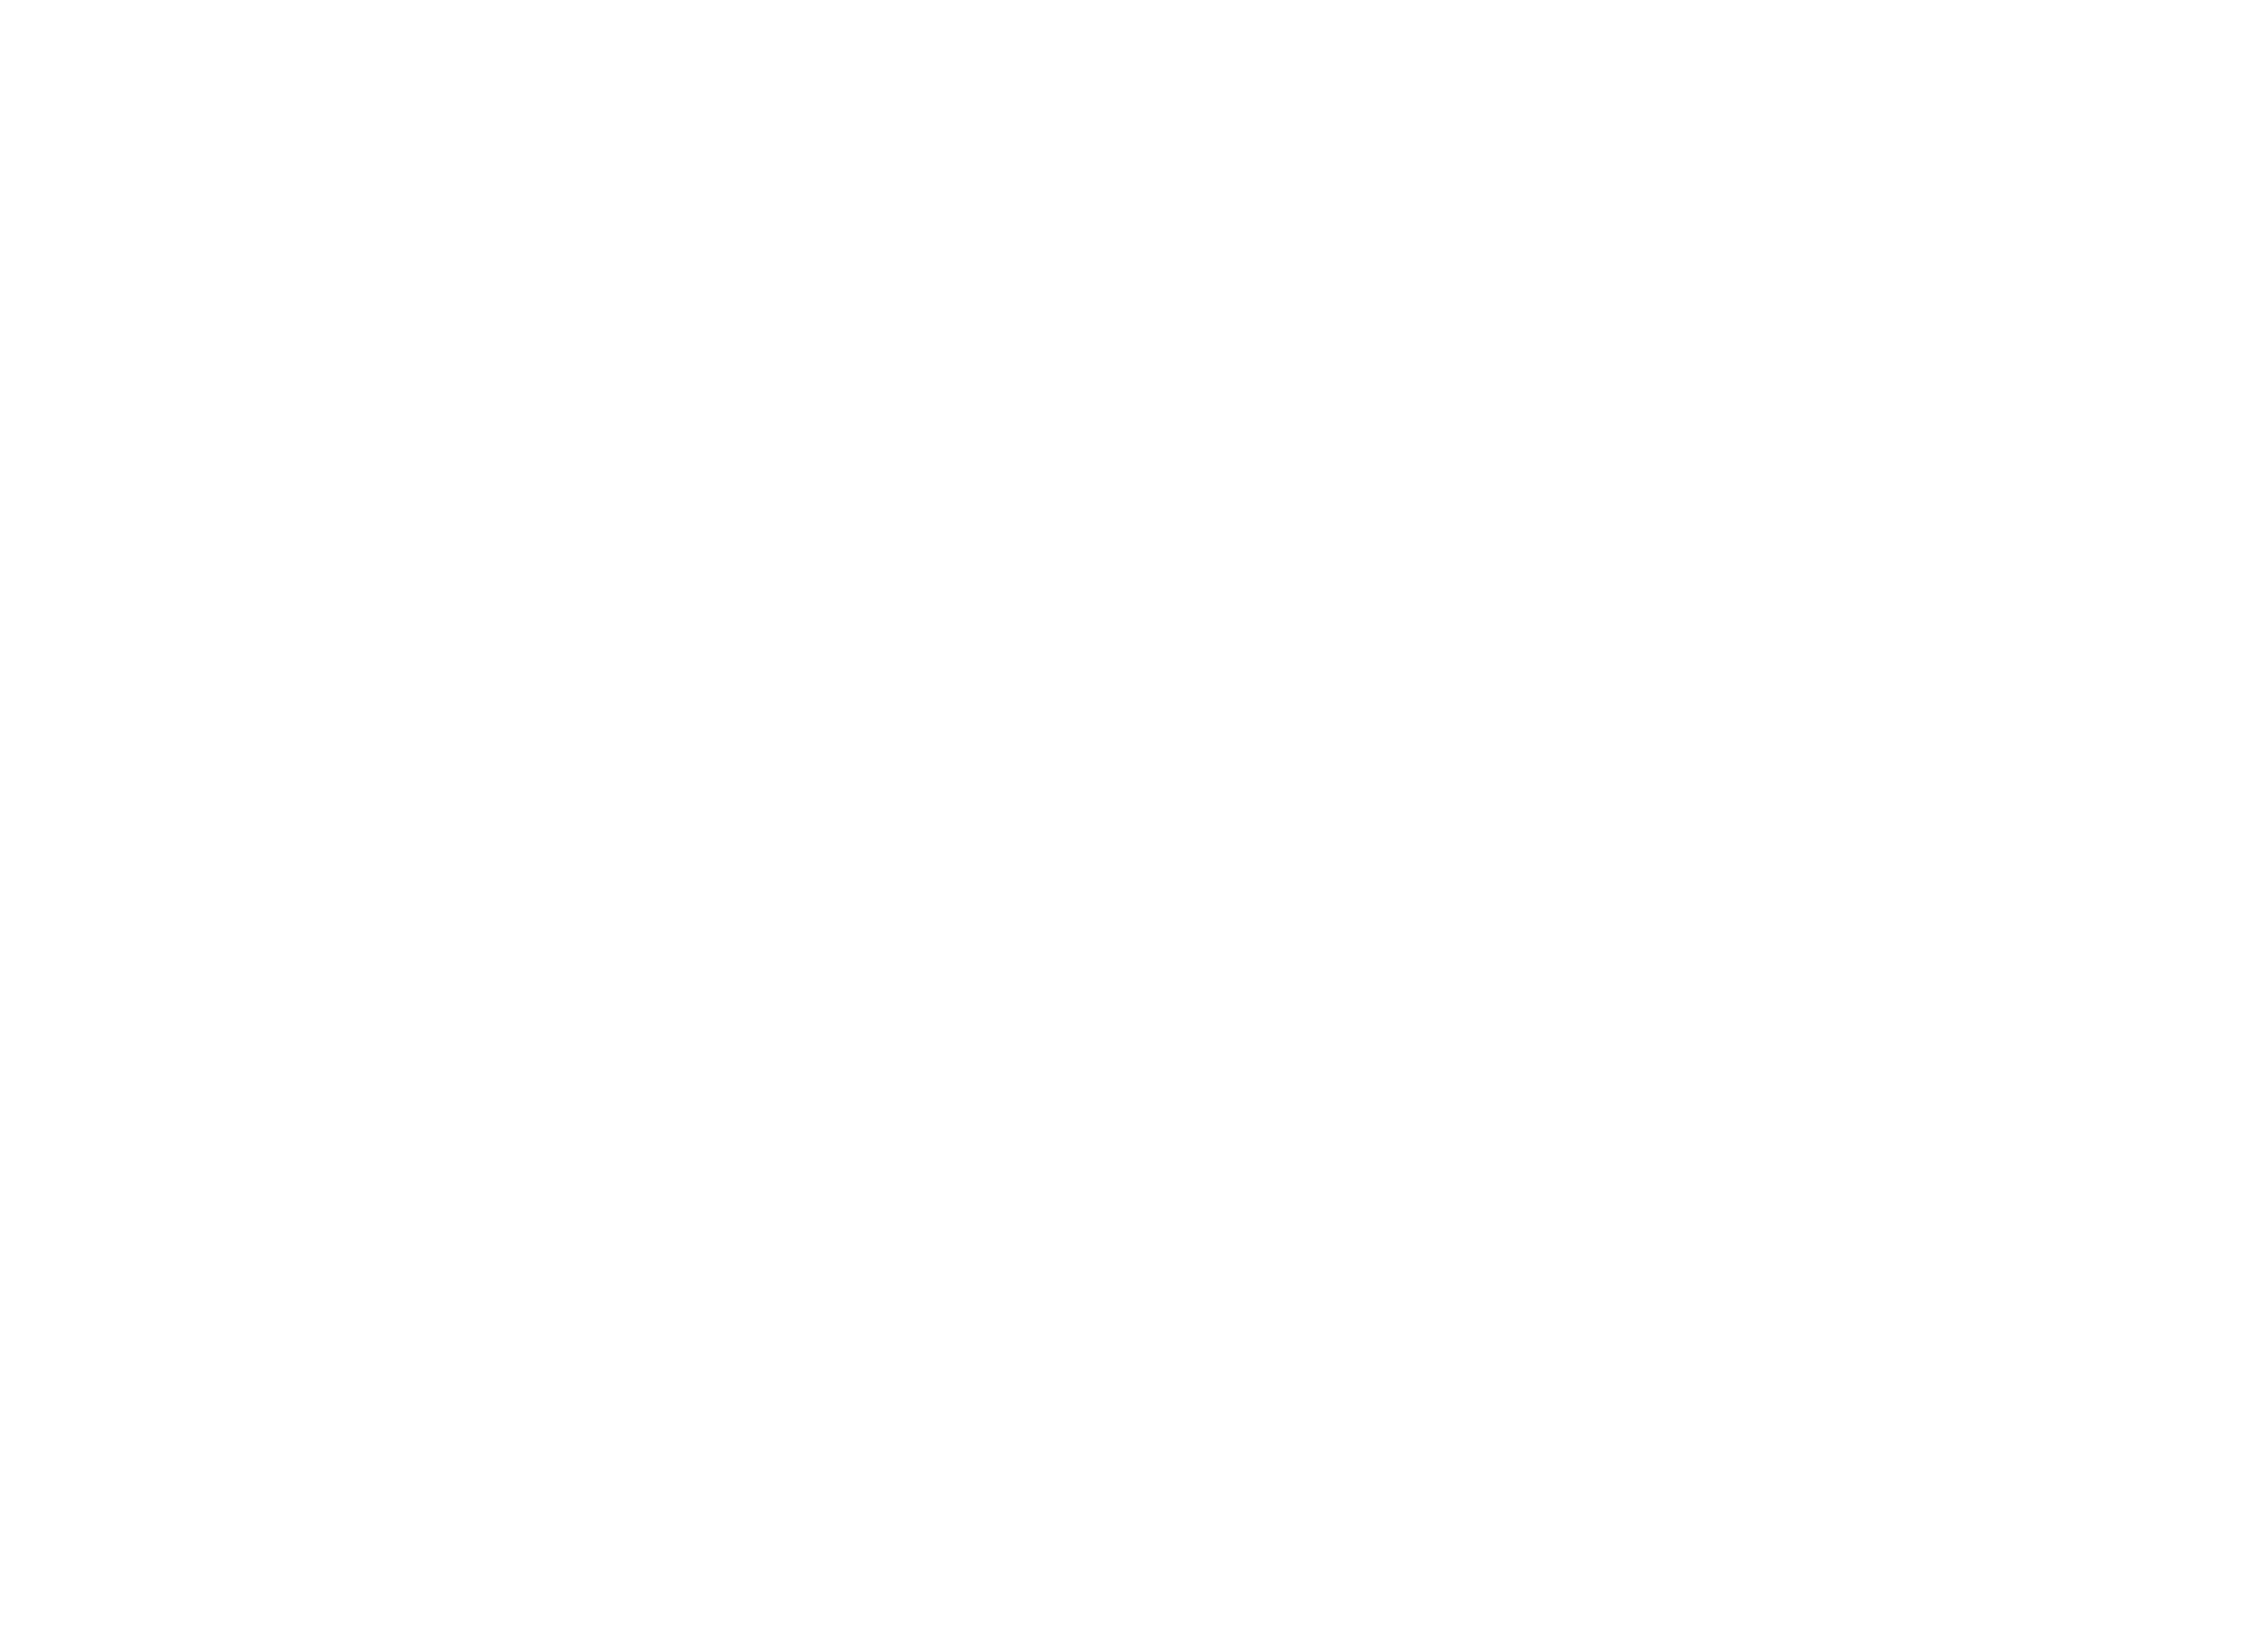 SantaCruzFF-transp.png